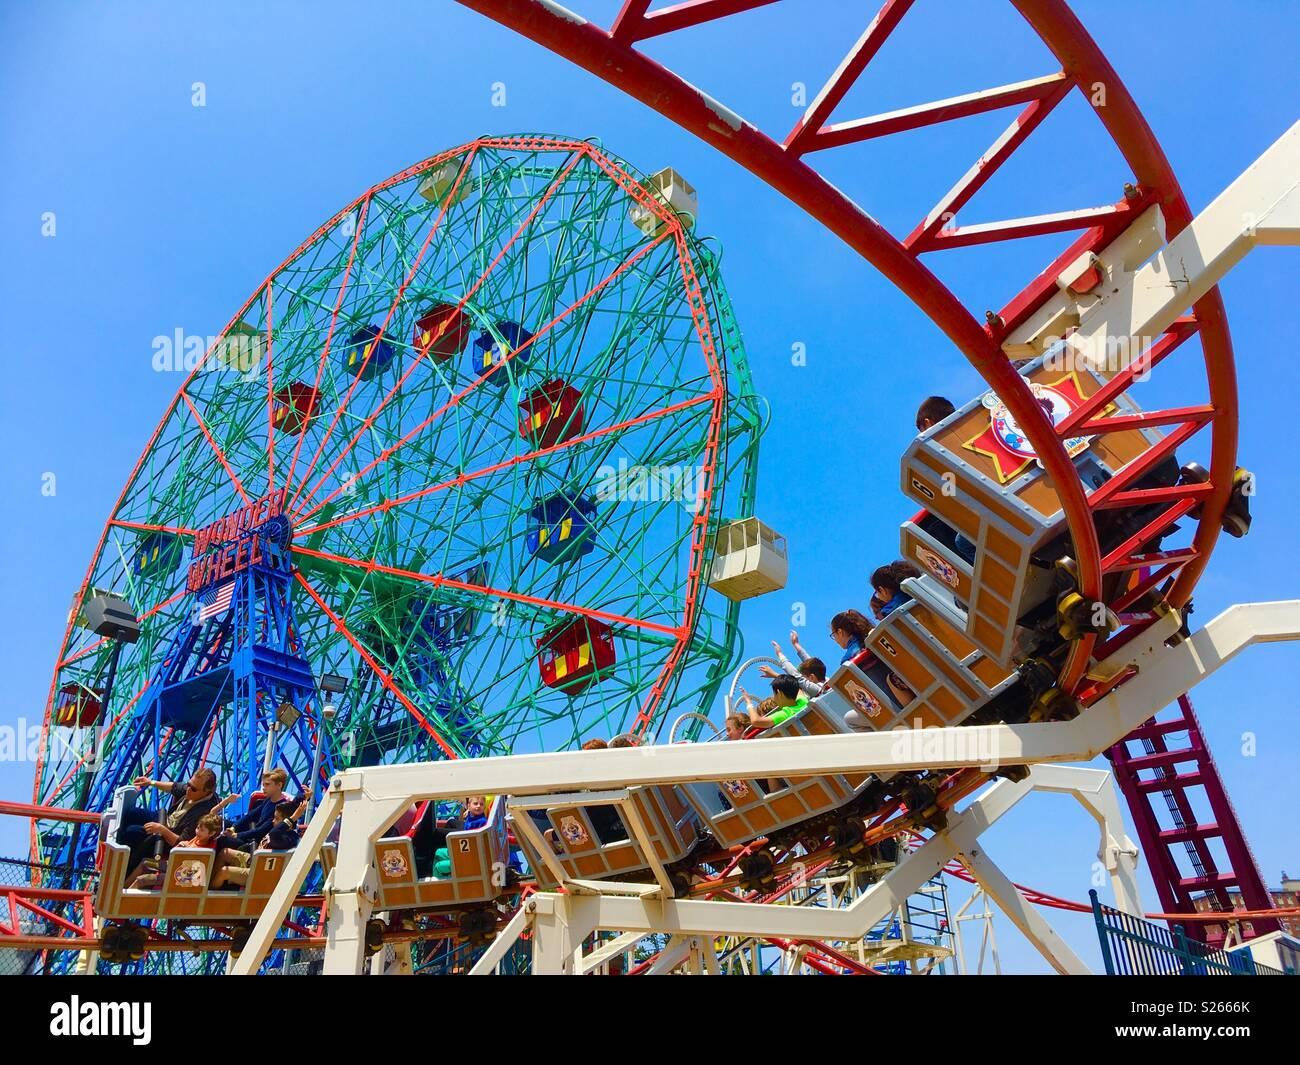 Atracciones en Coney Island, Nueva York Imagen De Stock